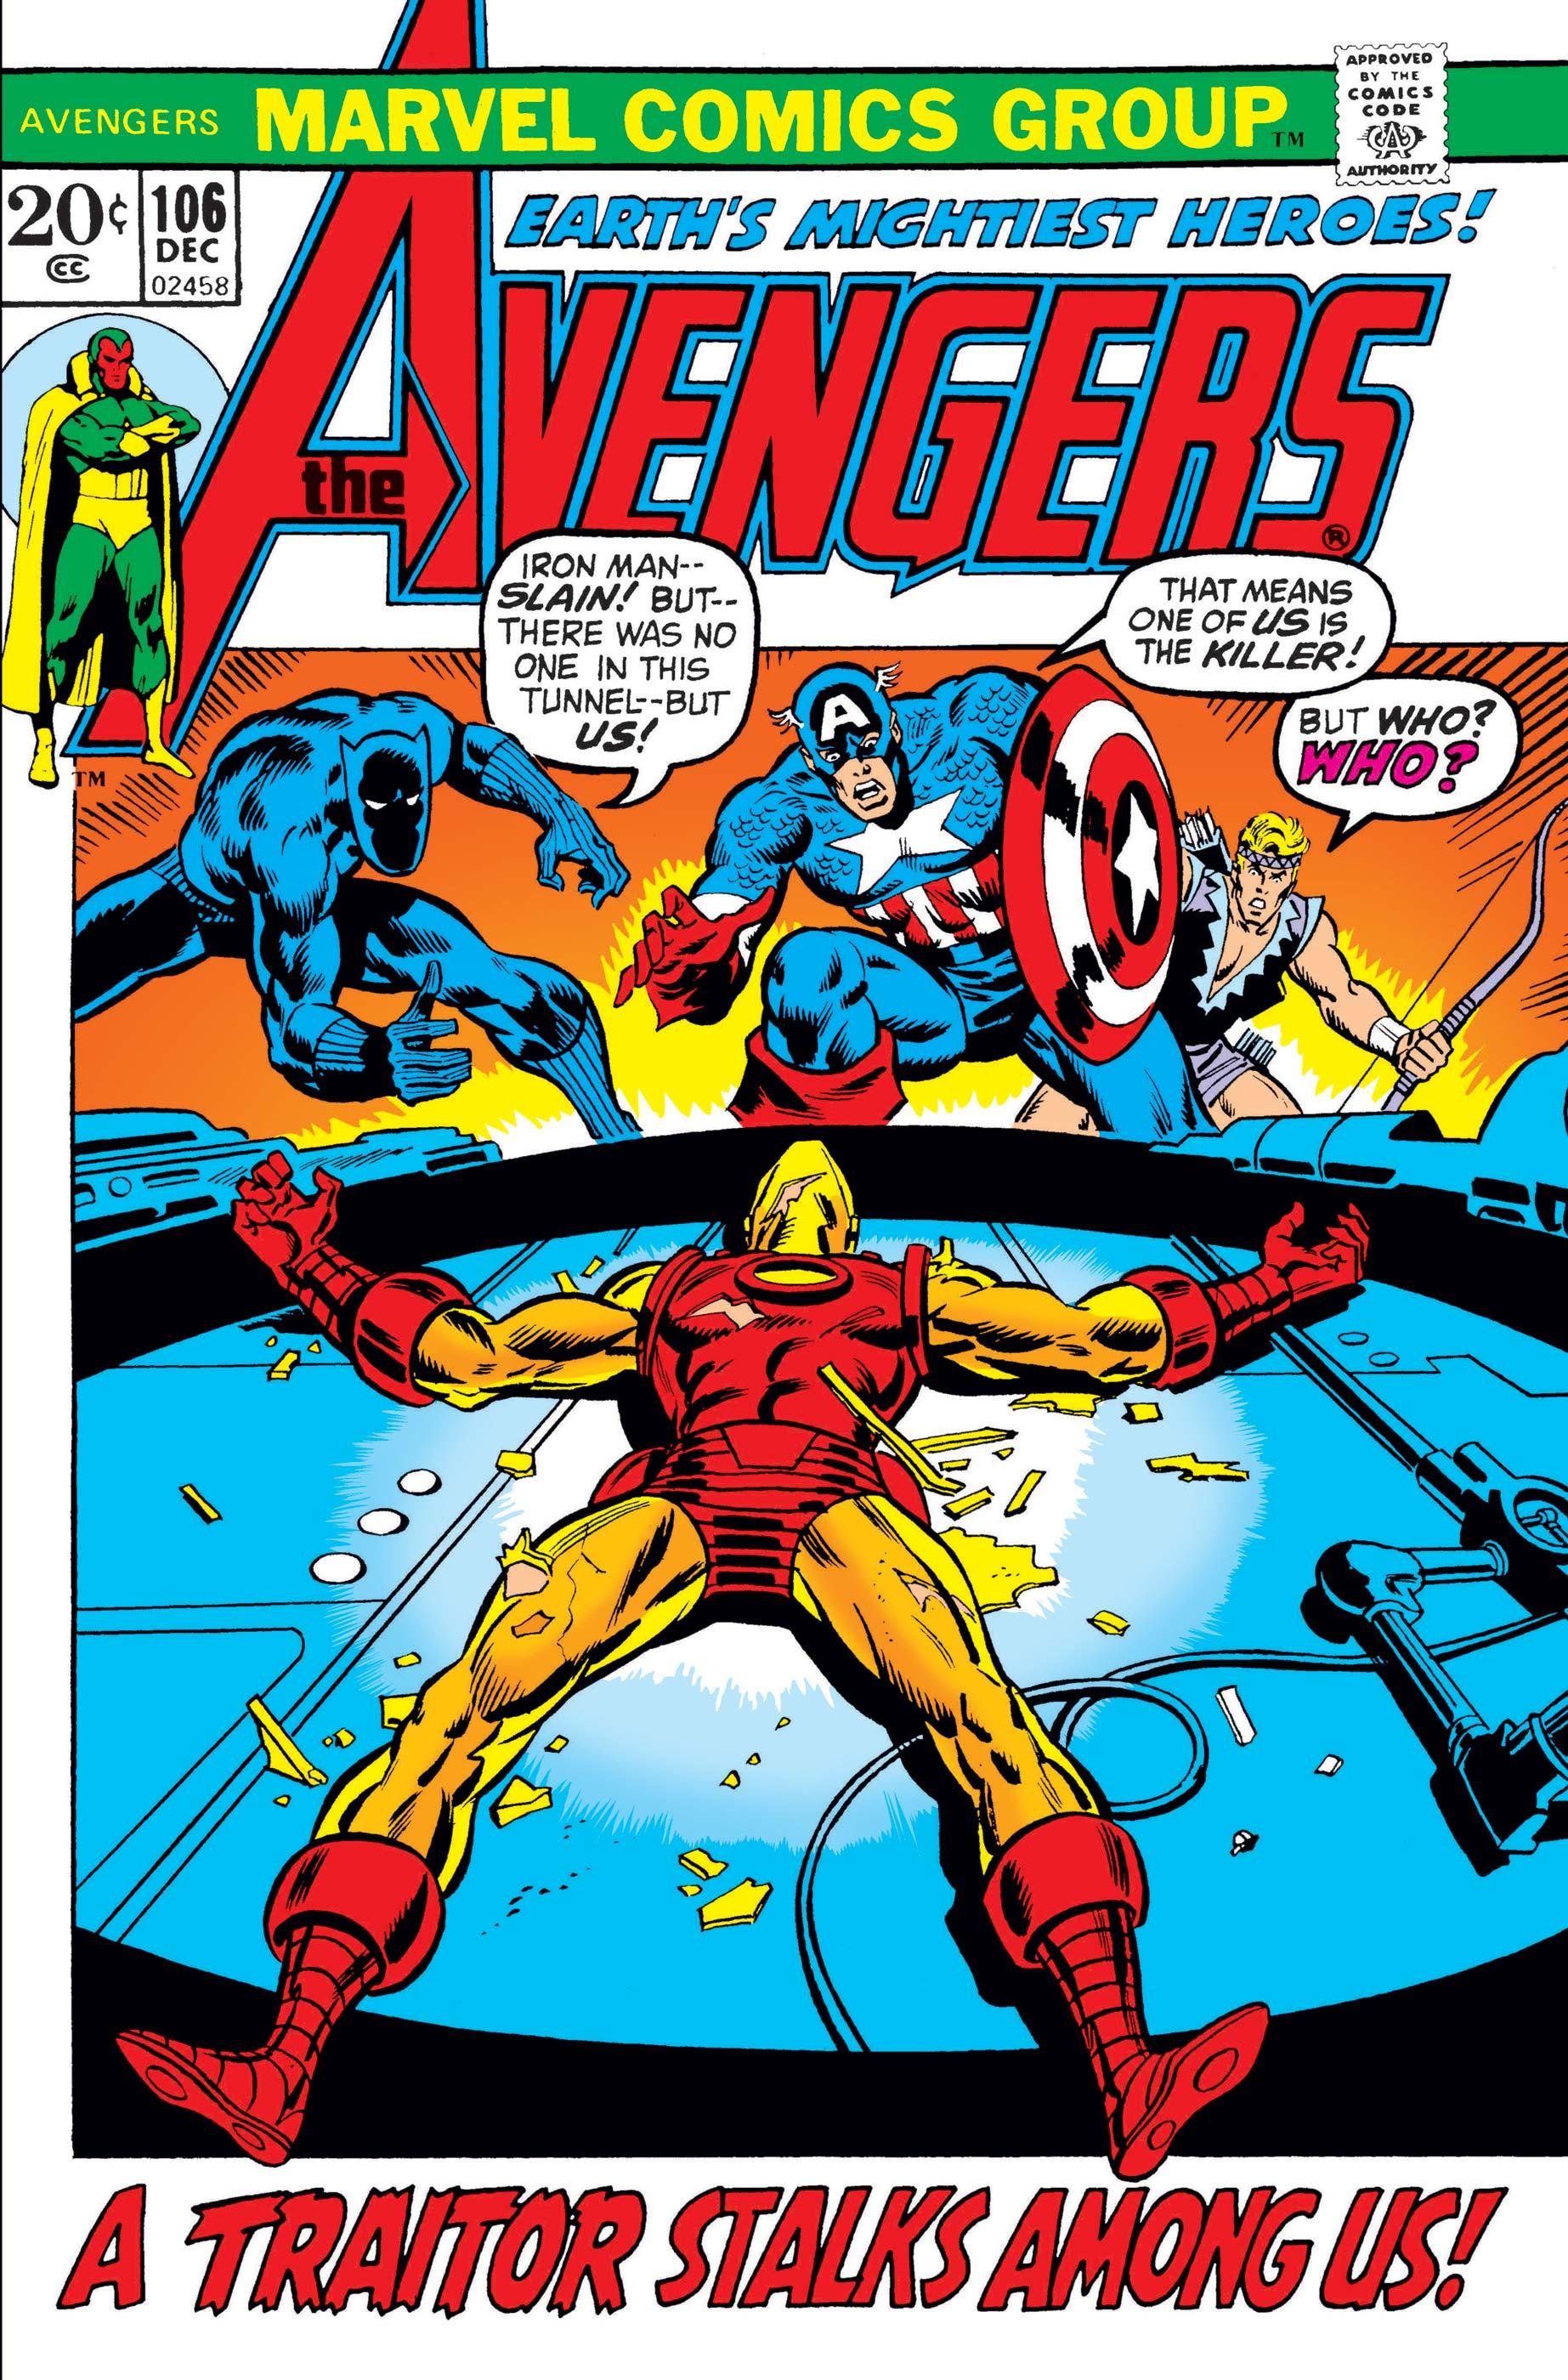 Avengers (1963) #106